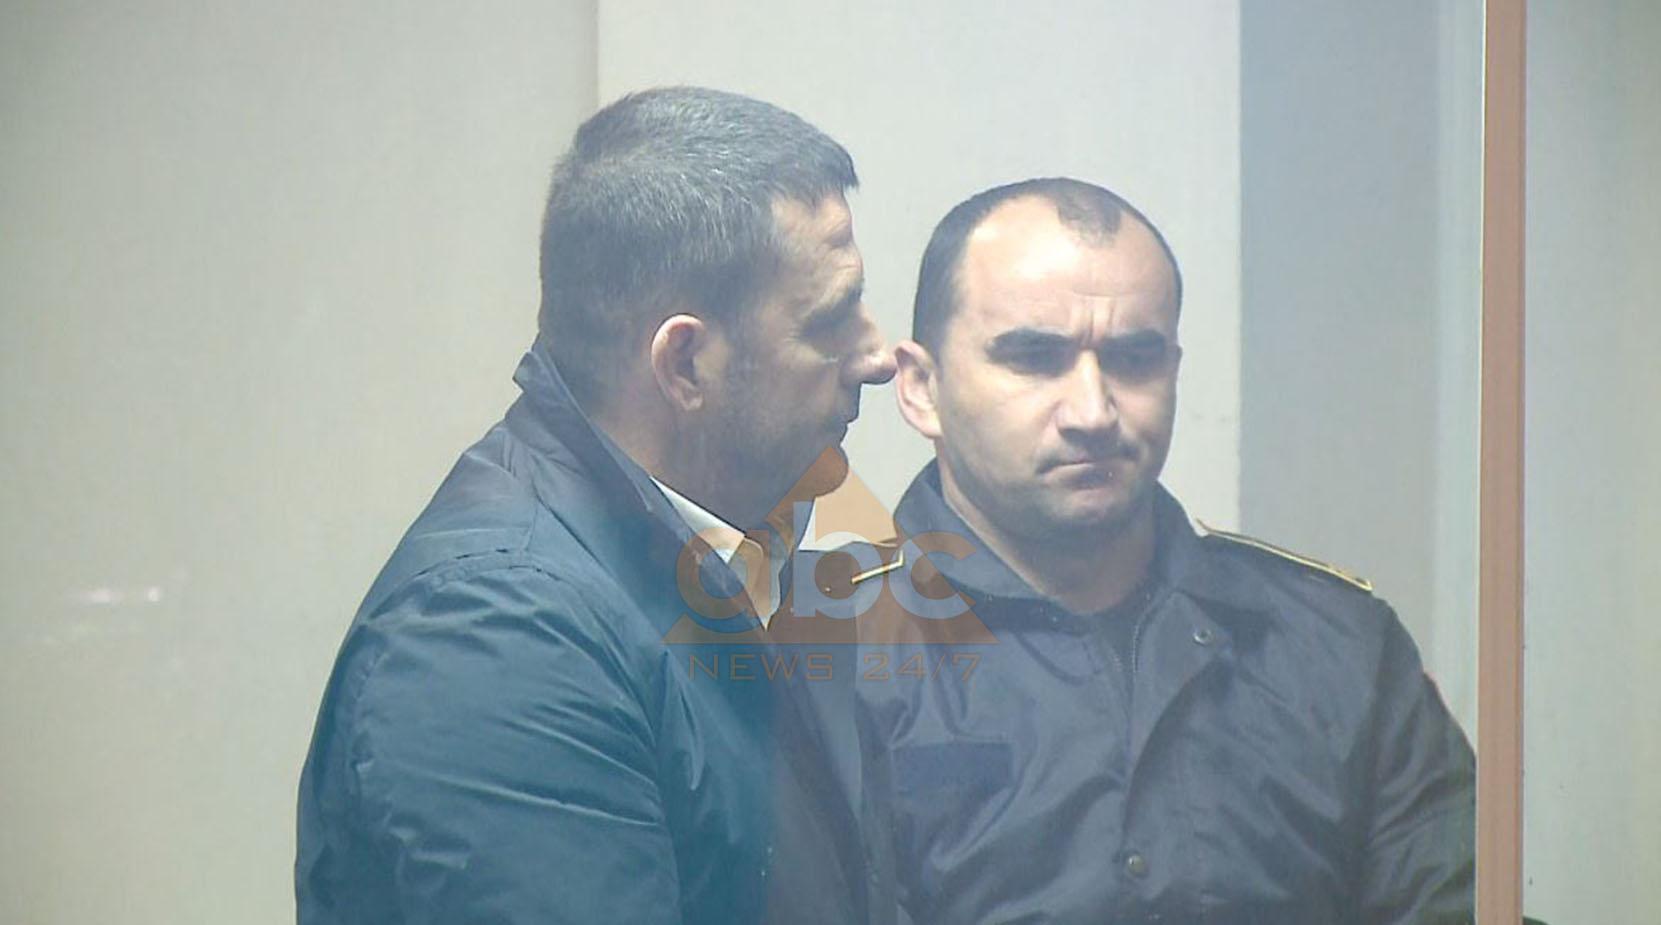 Pranohet kërkesa për gjykim të shkurtuar ndaj Klement Balilit